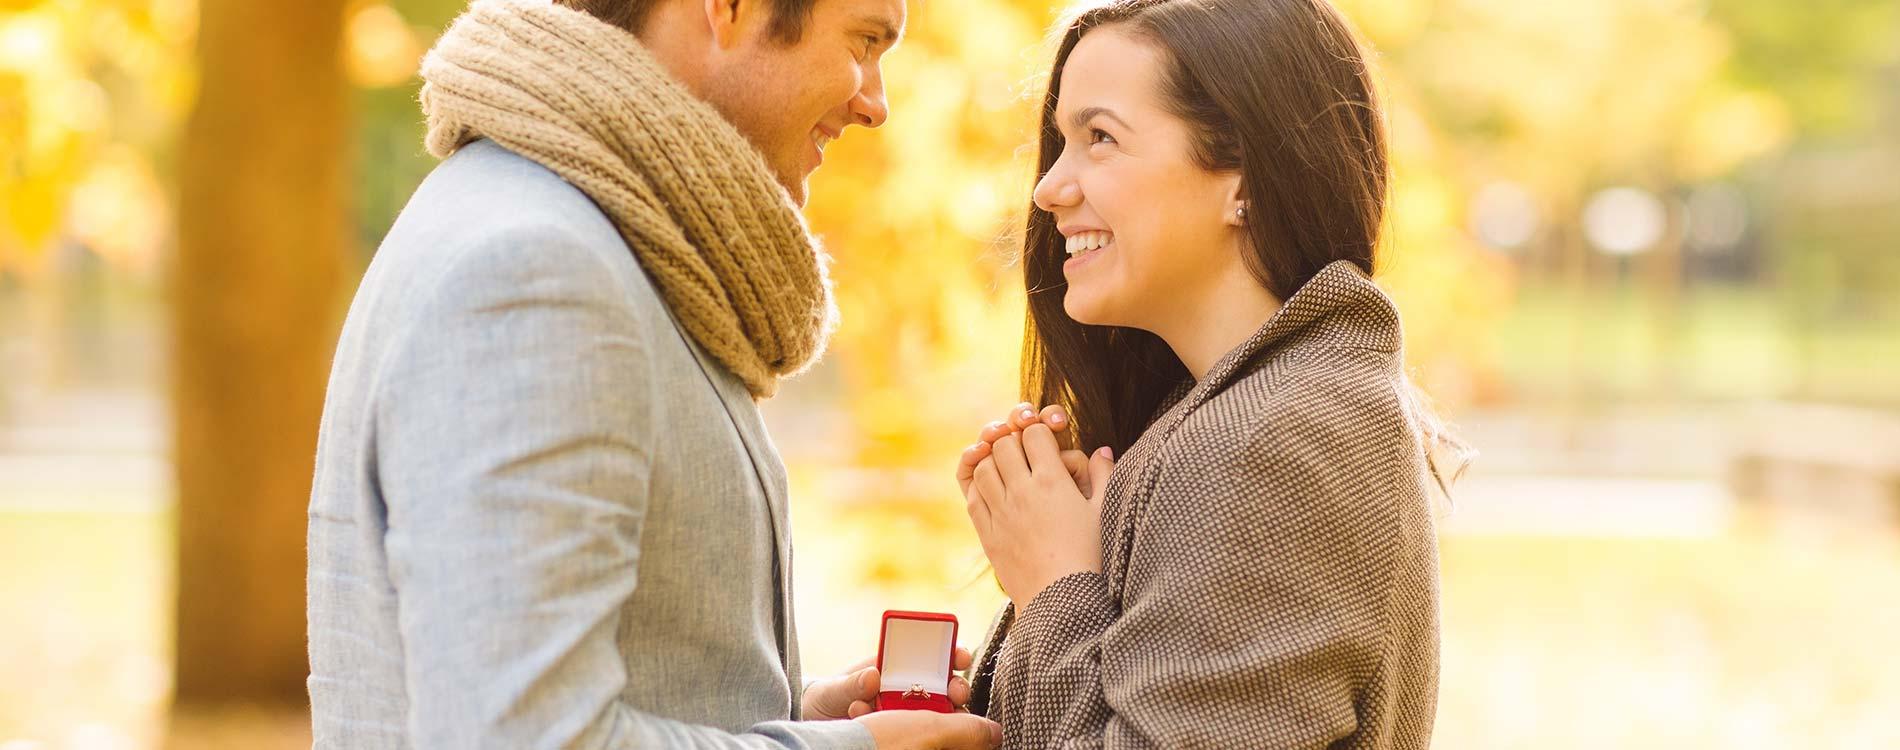 Sandlers - Engagement Rings - Columbia, SC